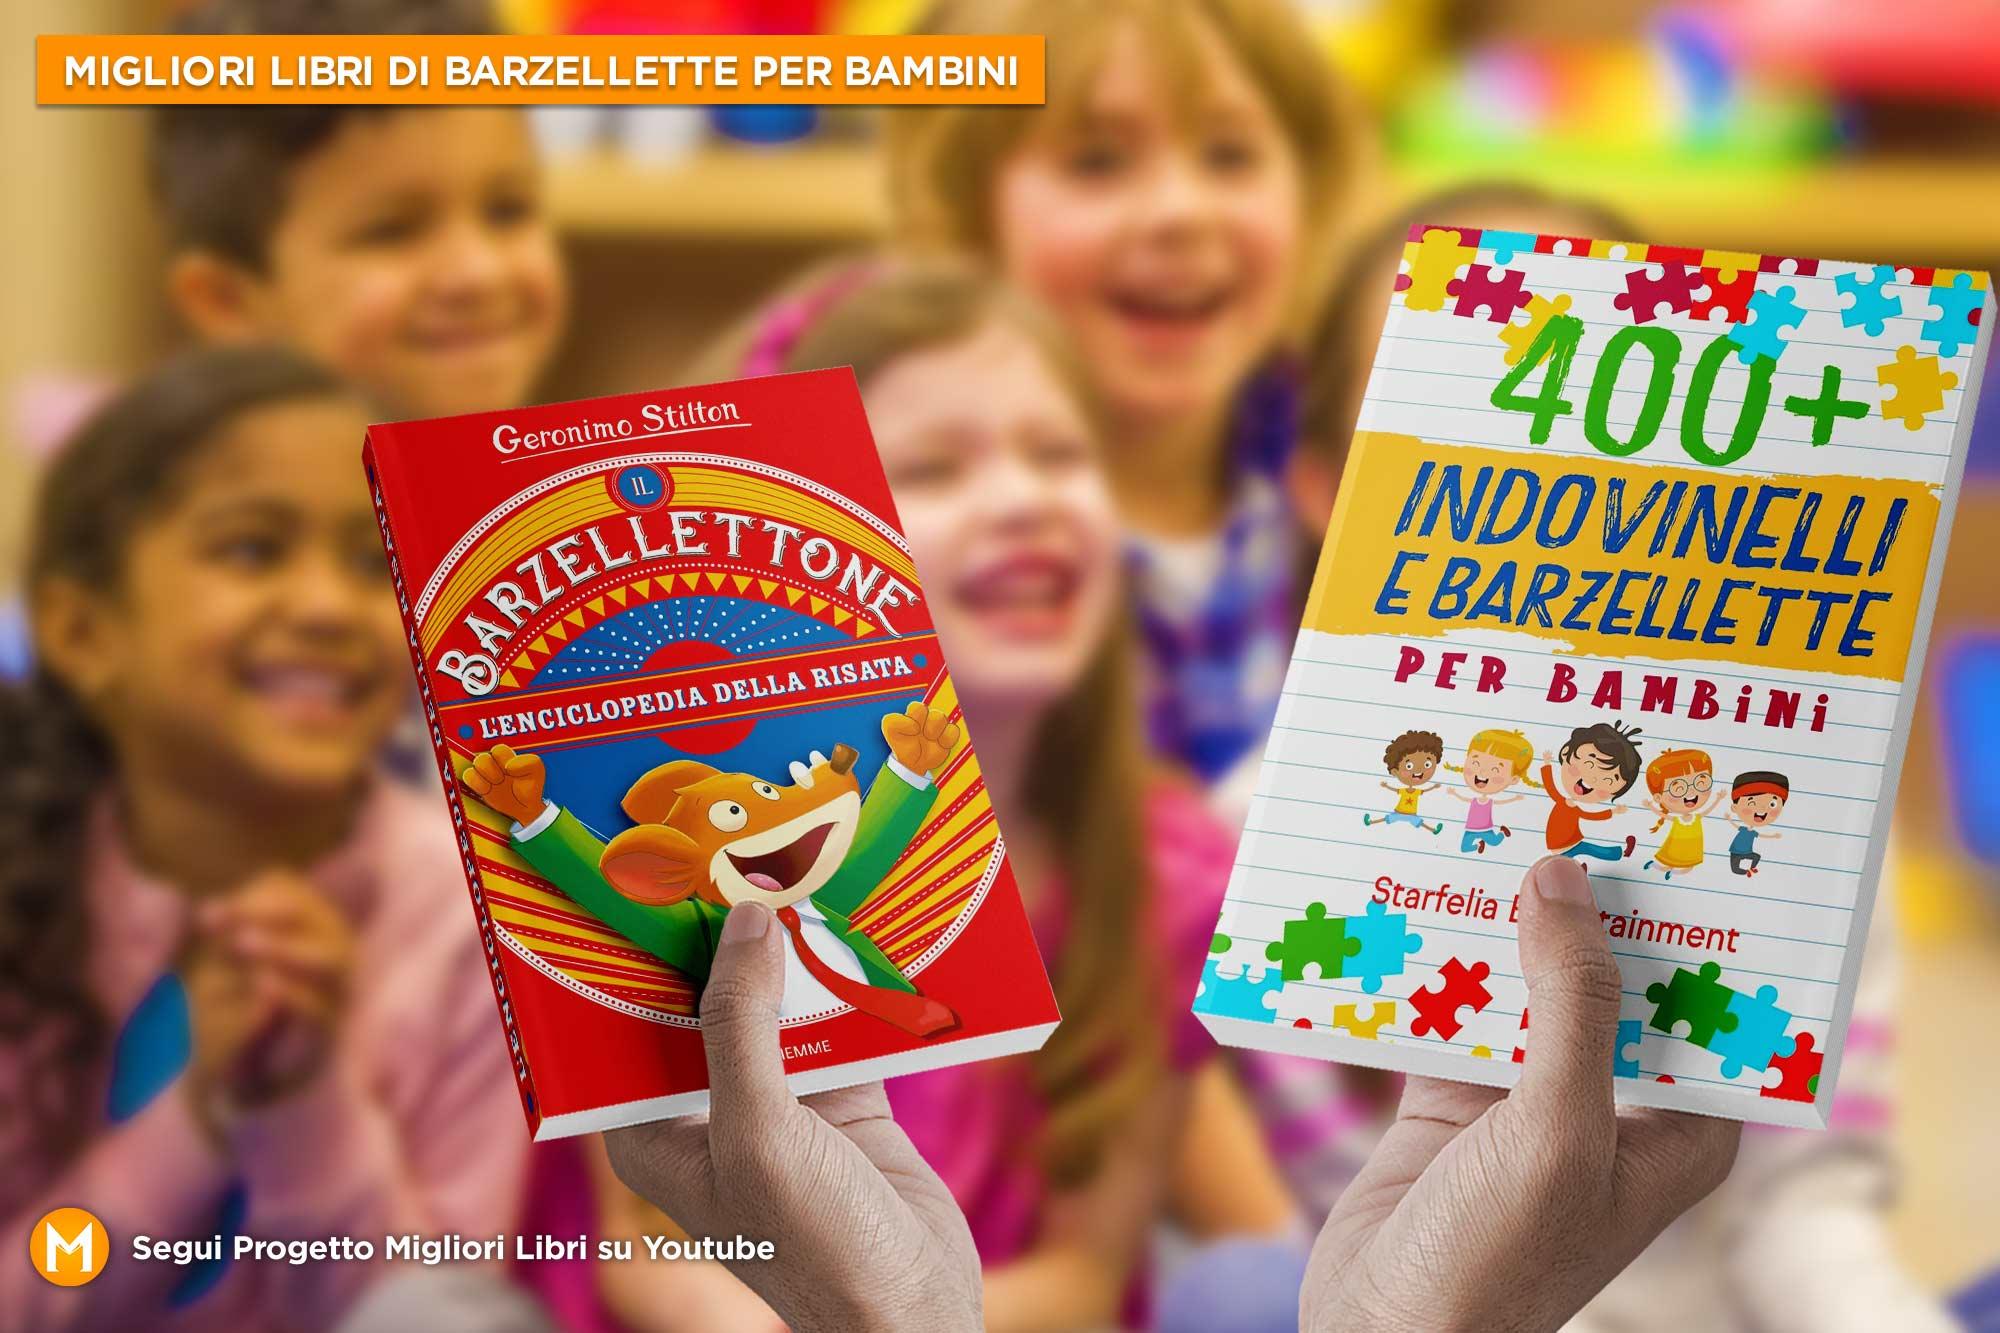 migliori-libri-di-barzellette-per-bambini